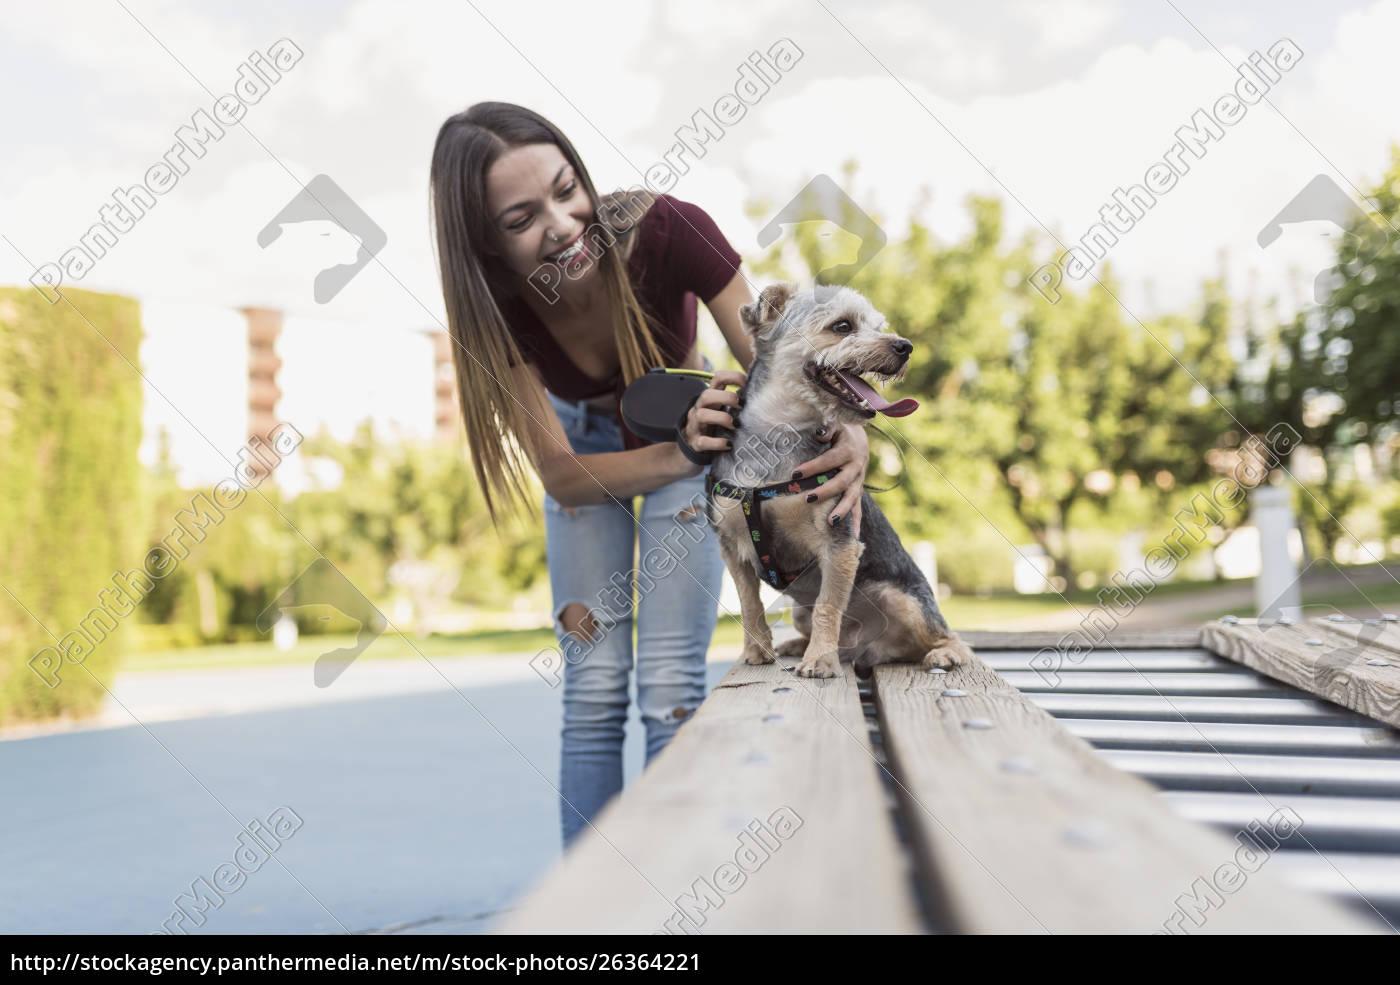 giovane, donna, che, allena, il, suo - 26364221